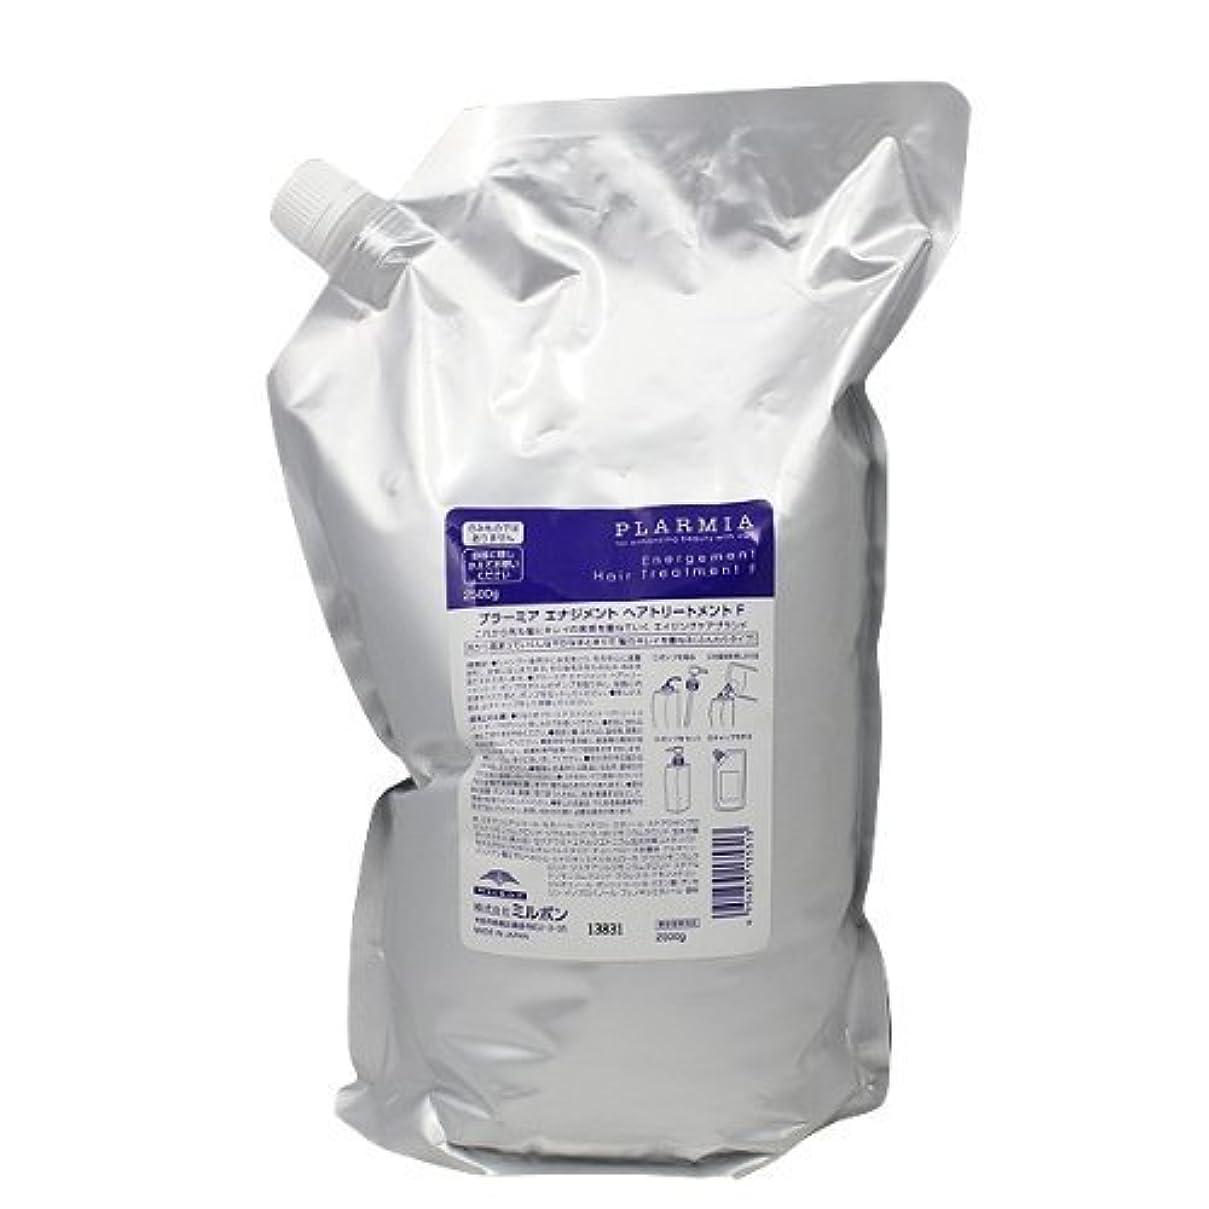 一過性ダーリンコンペミルボン プラーミア エナジメントトリートメントF 2500g(レフィル)